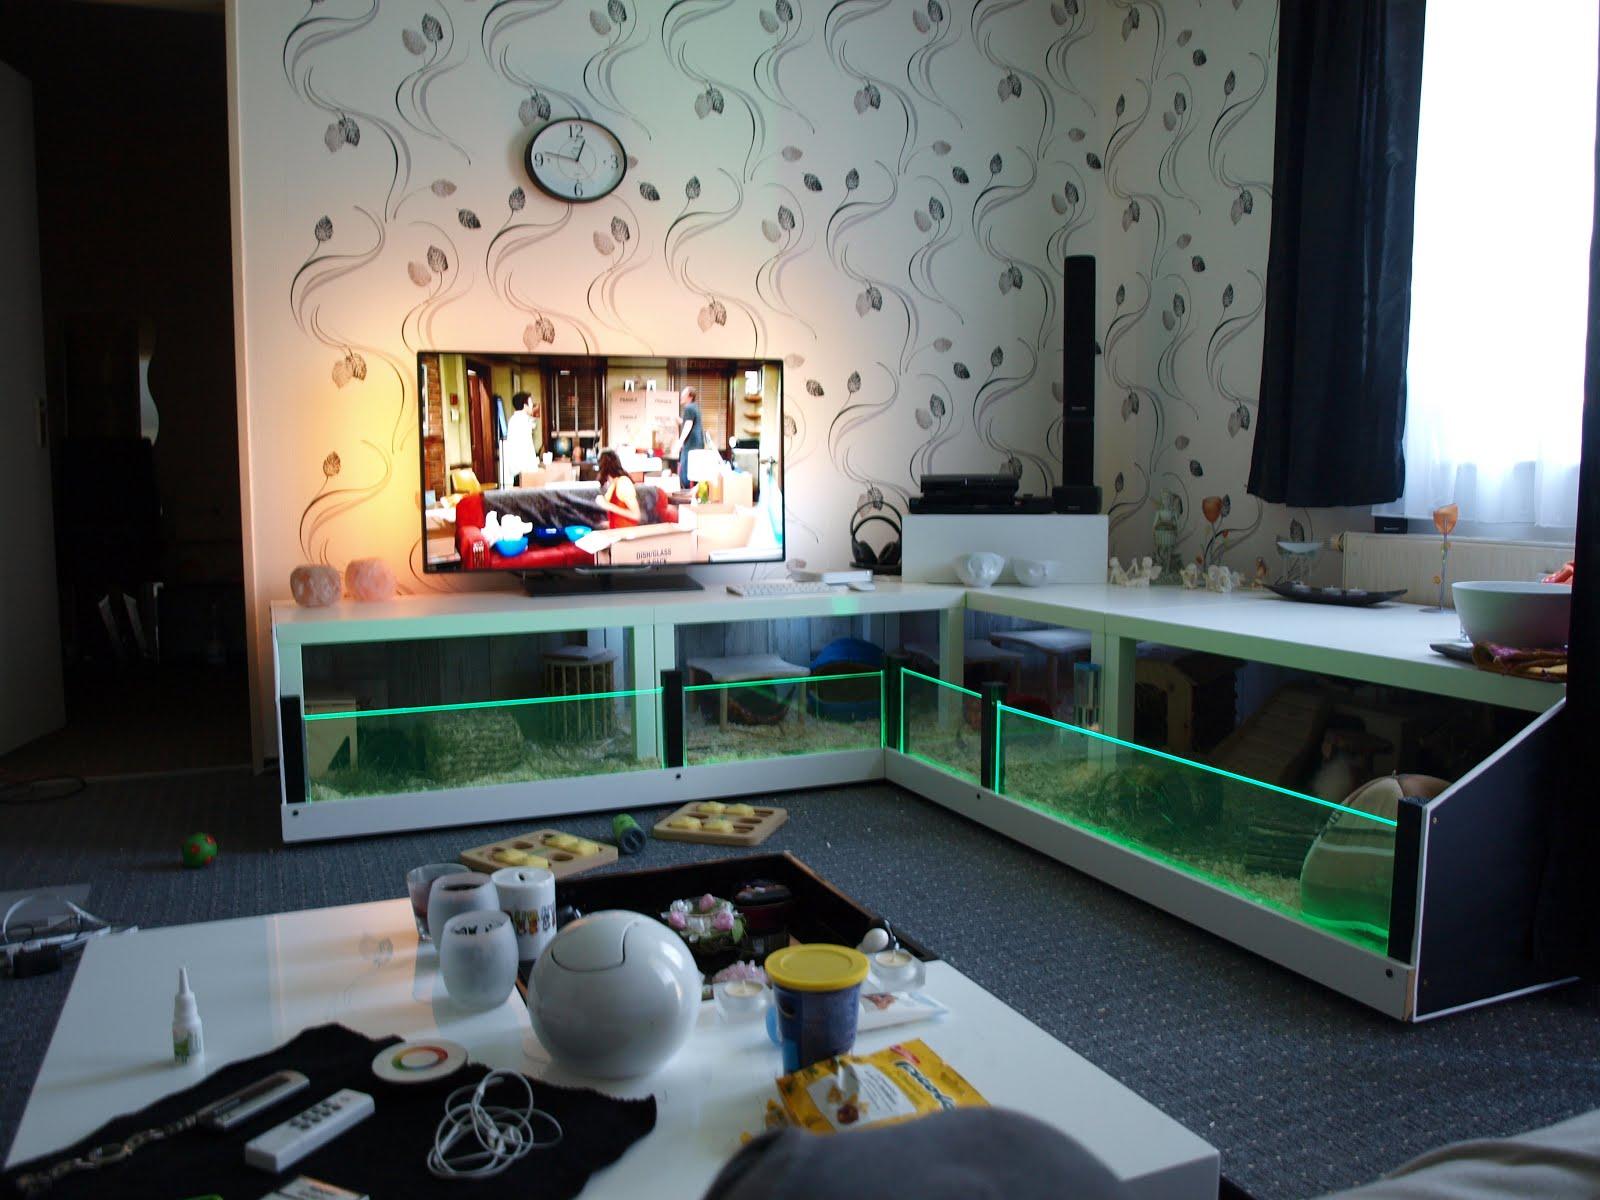 Mobili per gatti ikea design casa creativa e mobili - Mobili ikea modificati ...